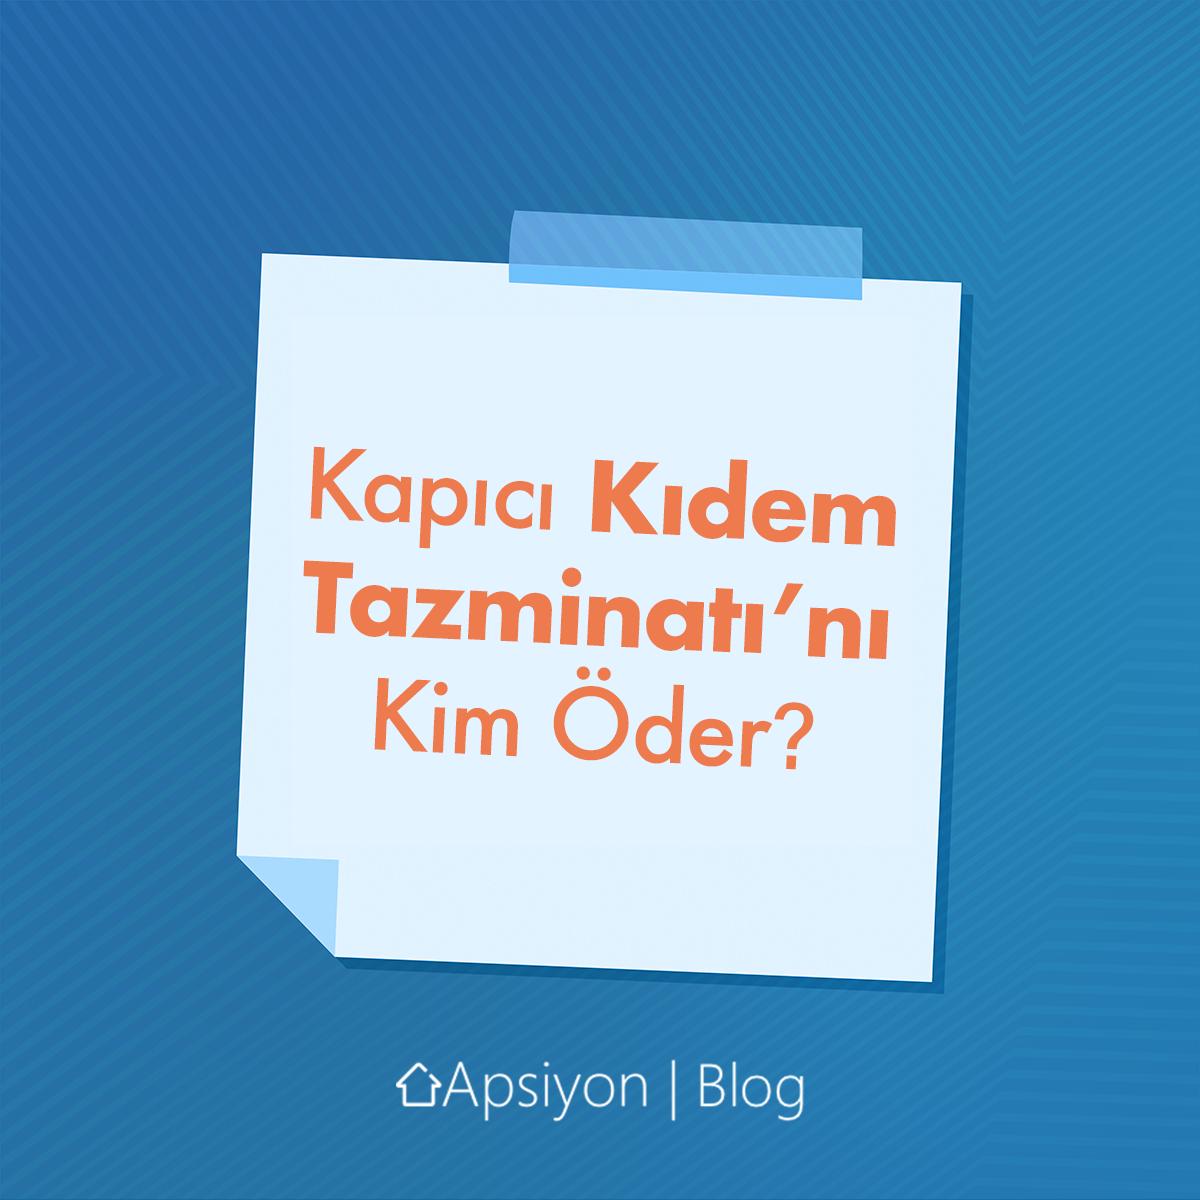 Kapıcı Kıdem Tazminatı'nı Kim Öder?